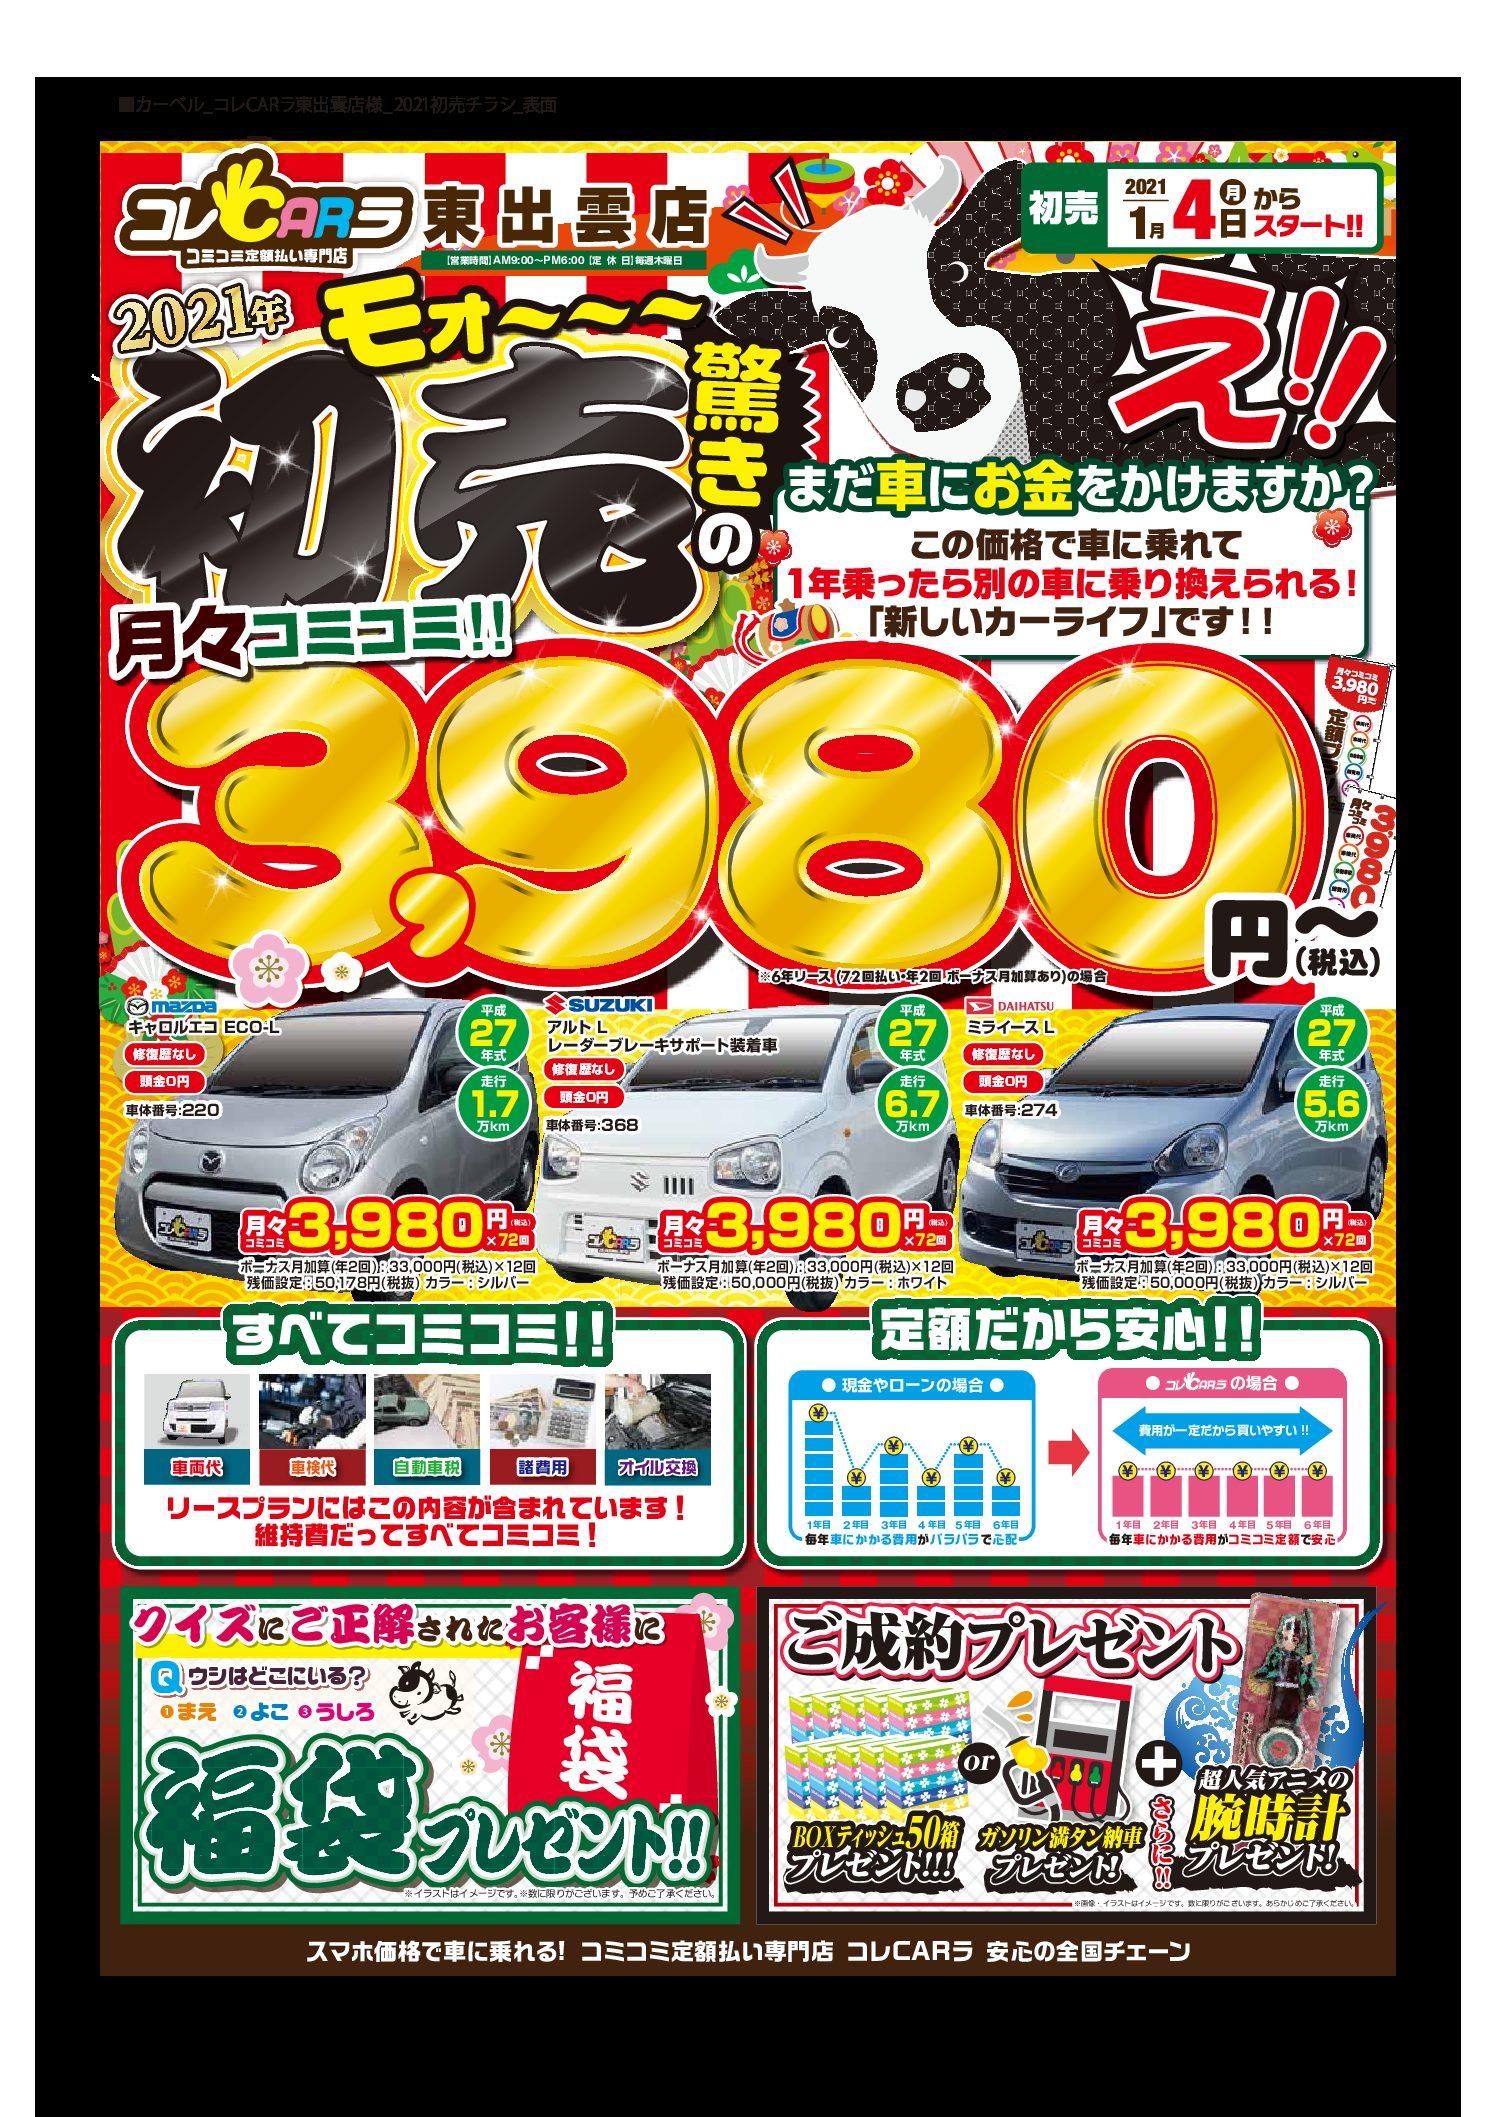 初売り祭り開催中!!3,980円~